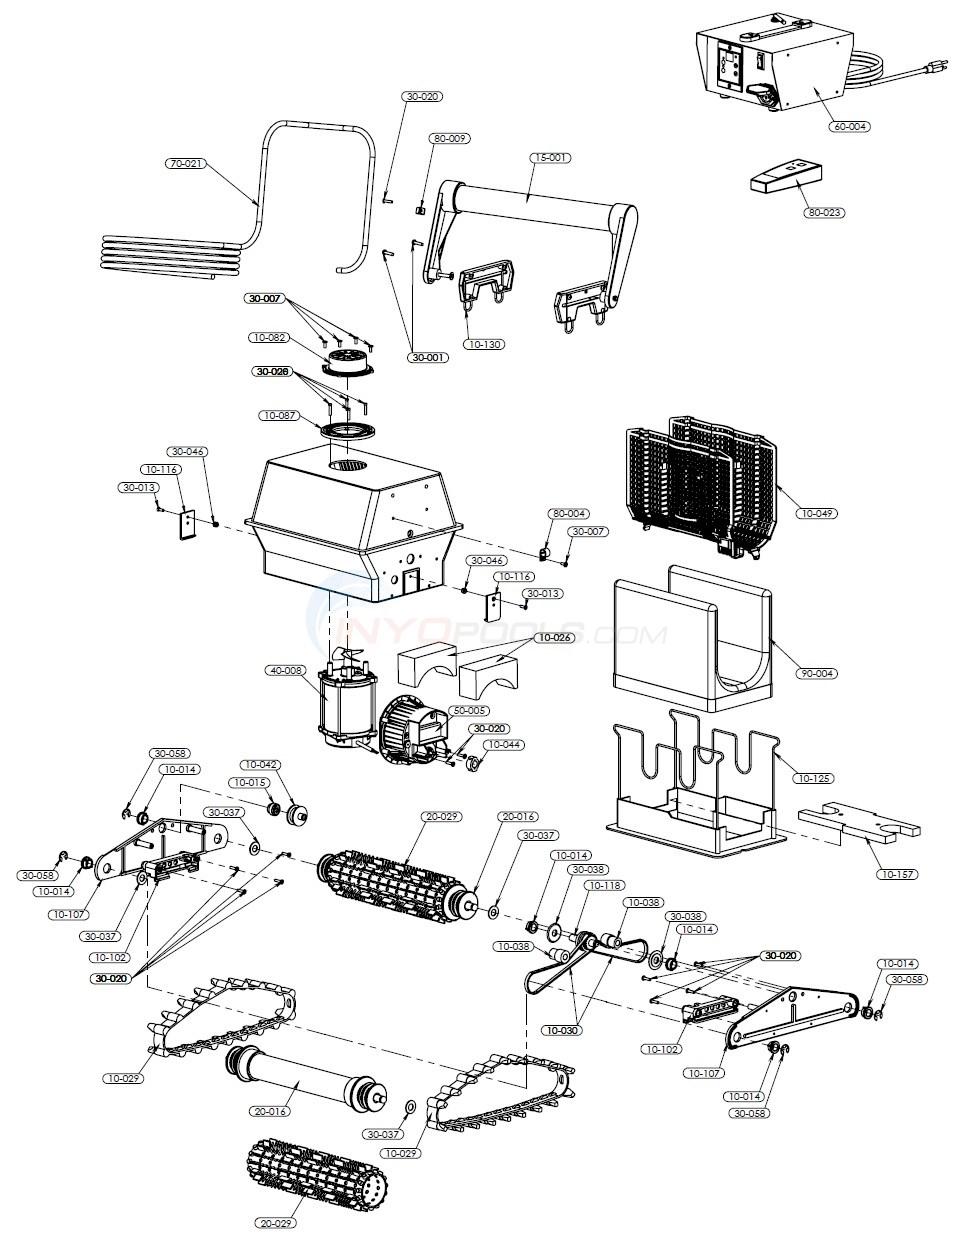 aquabot turbo rc parts inyopools com rh inyopools com Aquabot Parts Diagram Aquabot Jr Diagram